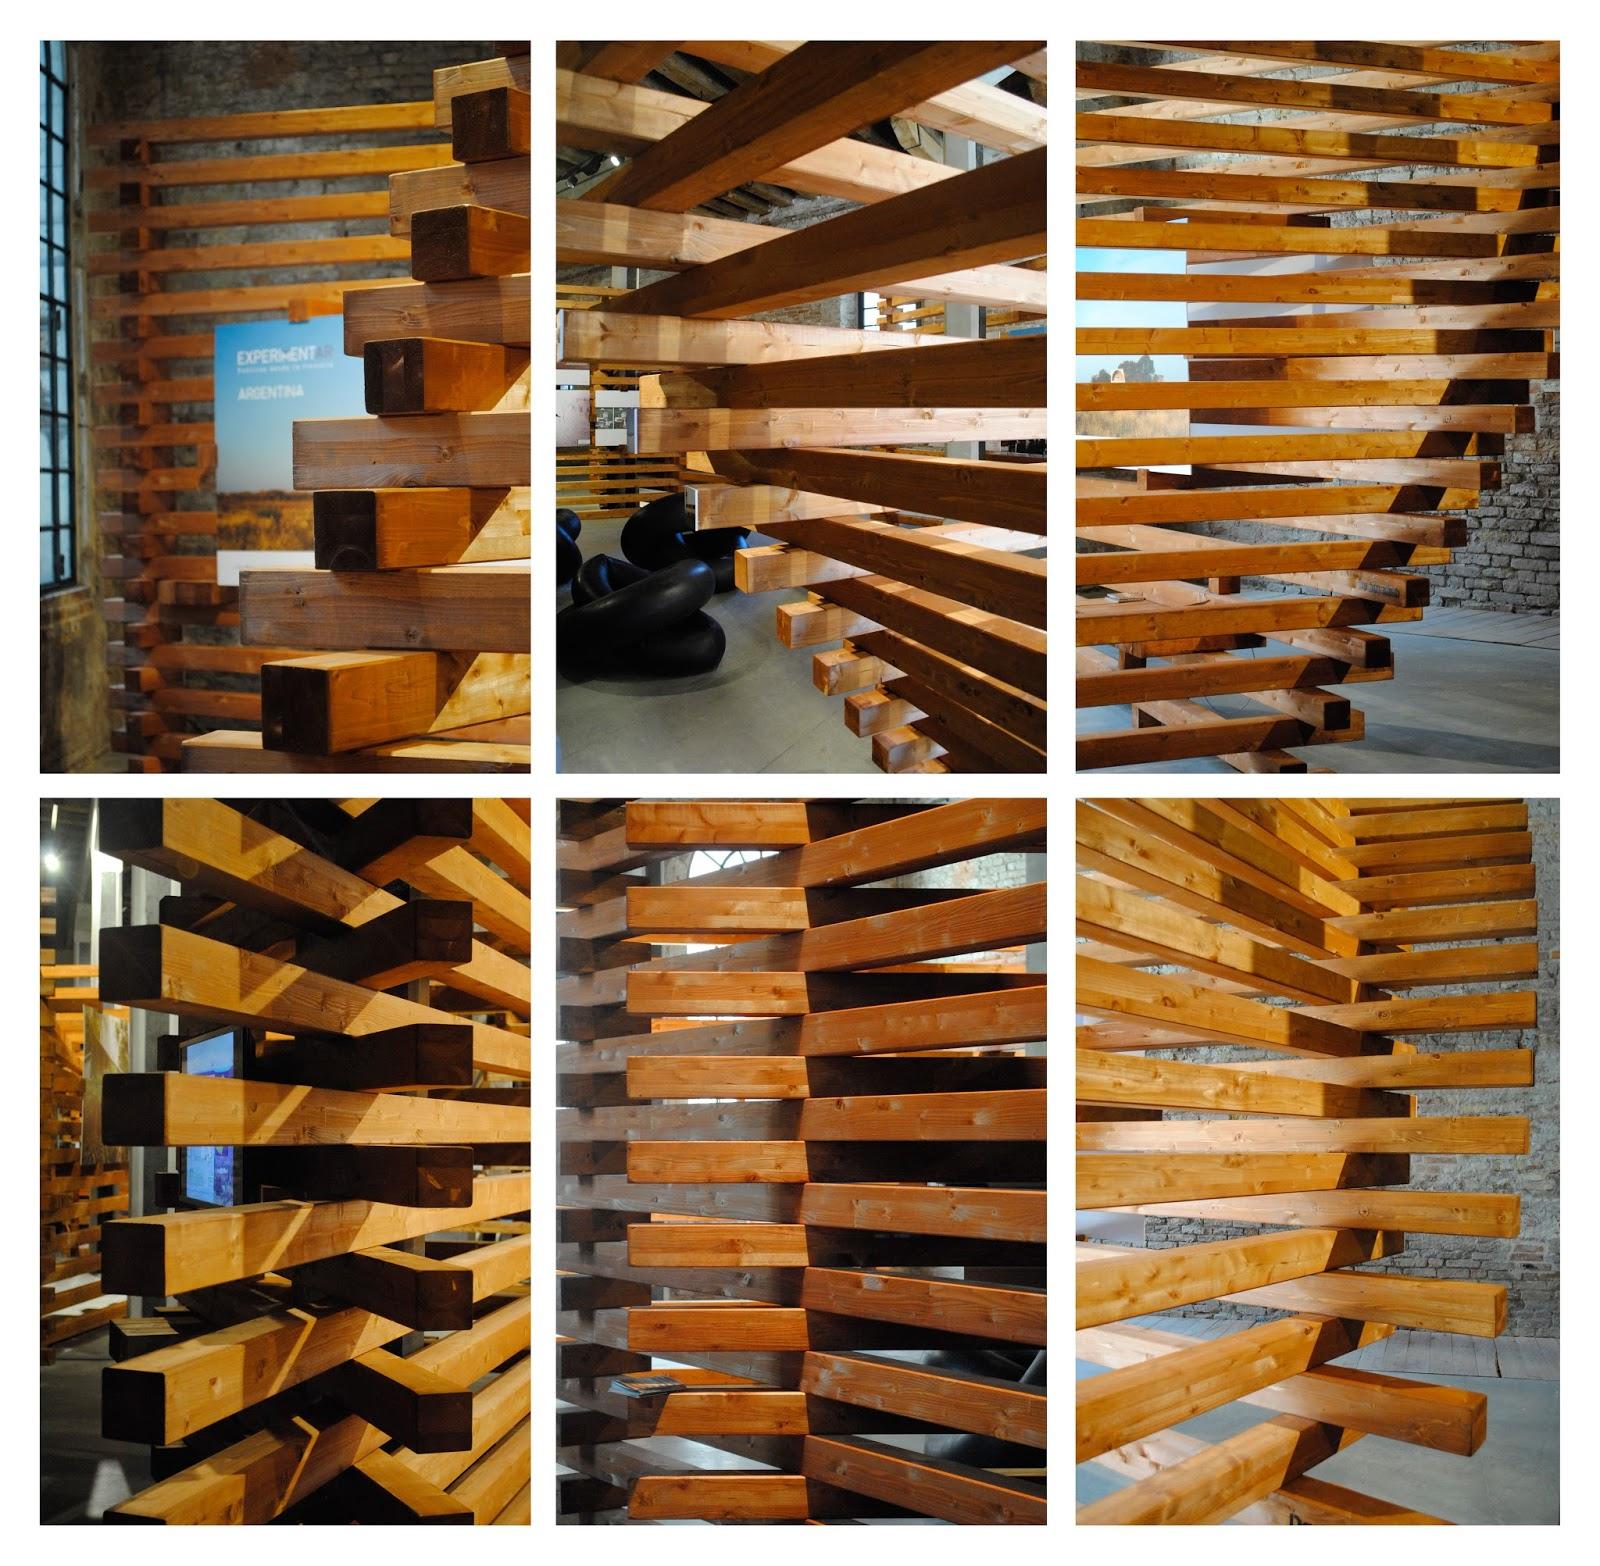 Atilio pentimalli estudio - Listones de madera ...